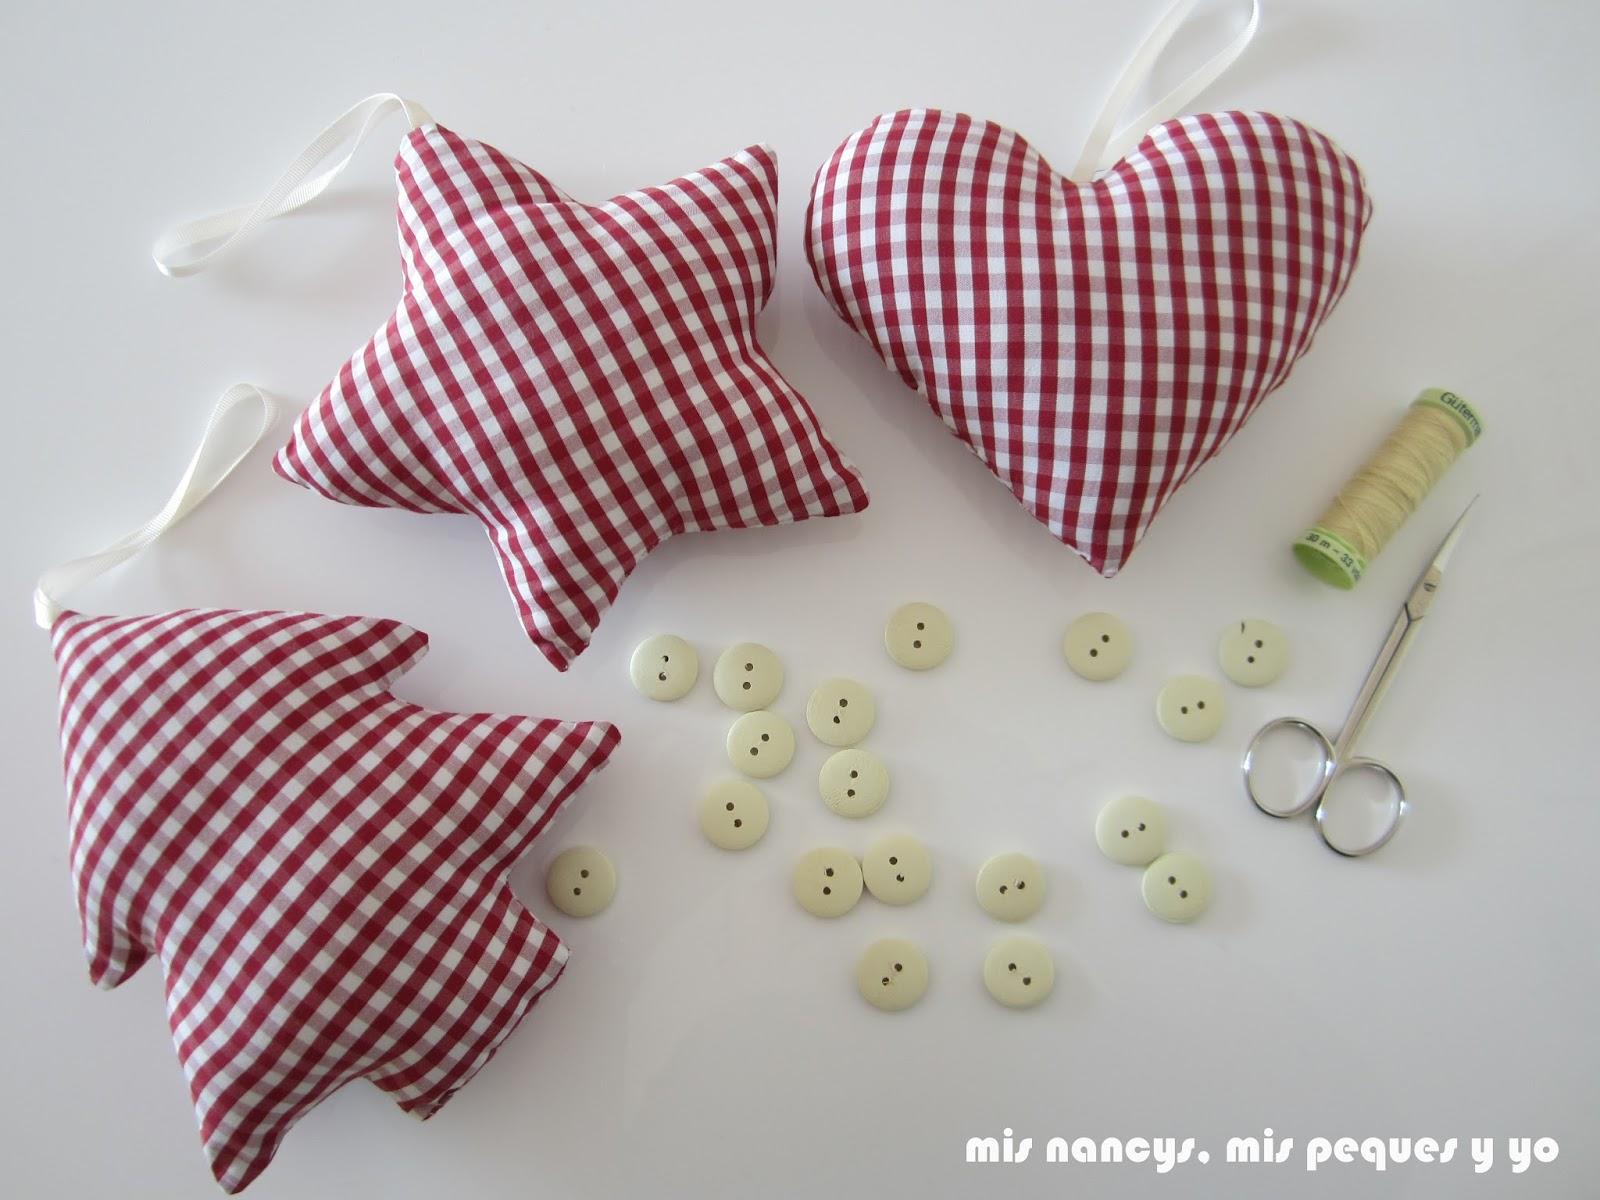 mis nancys, mis peques y yo, tutorial DIY adornos Navidad, coser botones